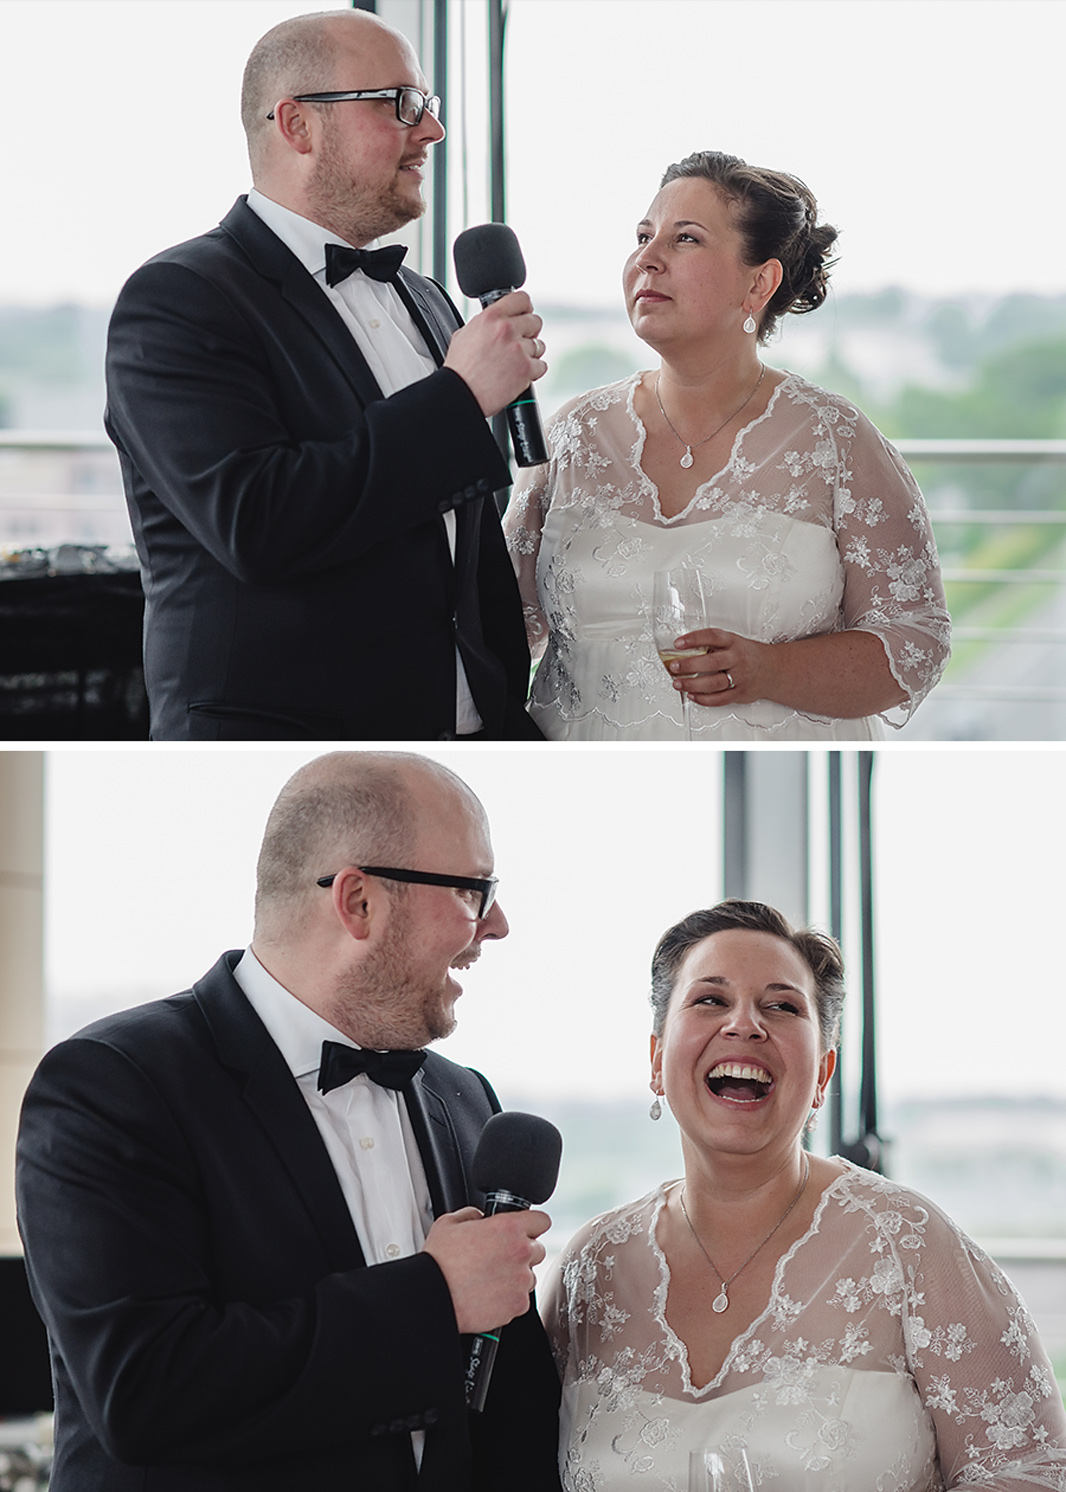 Hochzeit, Hochzeitsfotografie, Astrid Ebert Fotografie, Hochzeitfotograf Aachen, Kohlibri Aachen, Brautpaar, Begrüßung der Gäste, gemeinsames Anstoßen